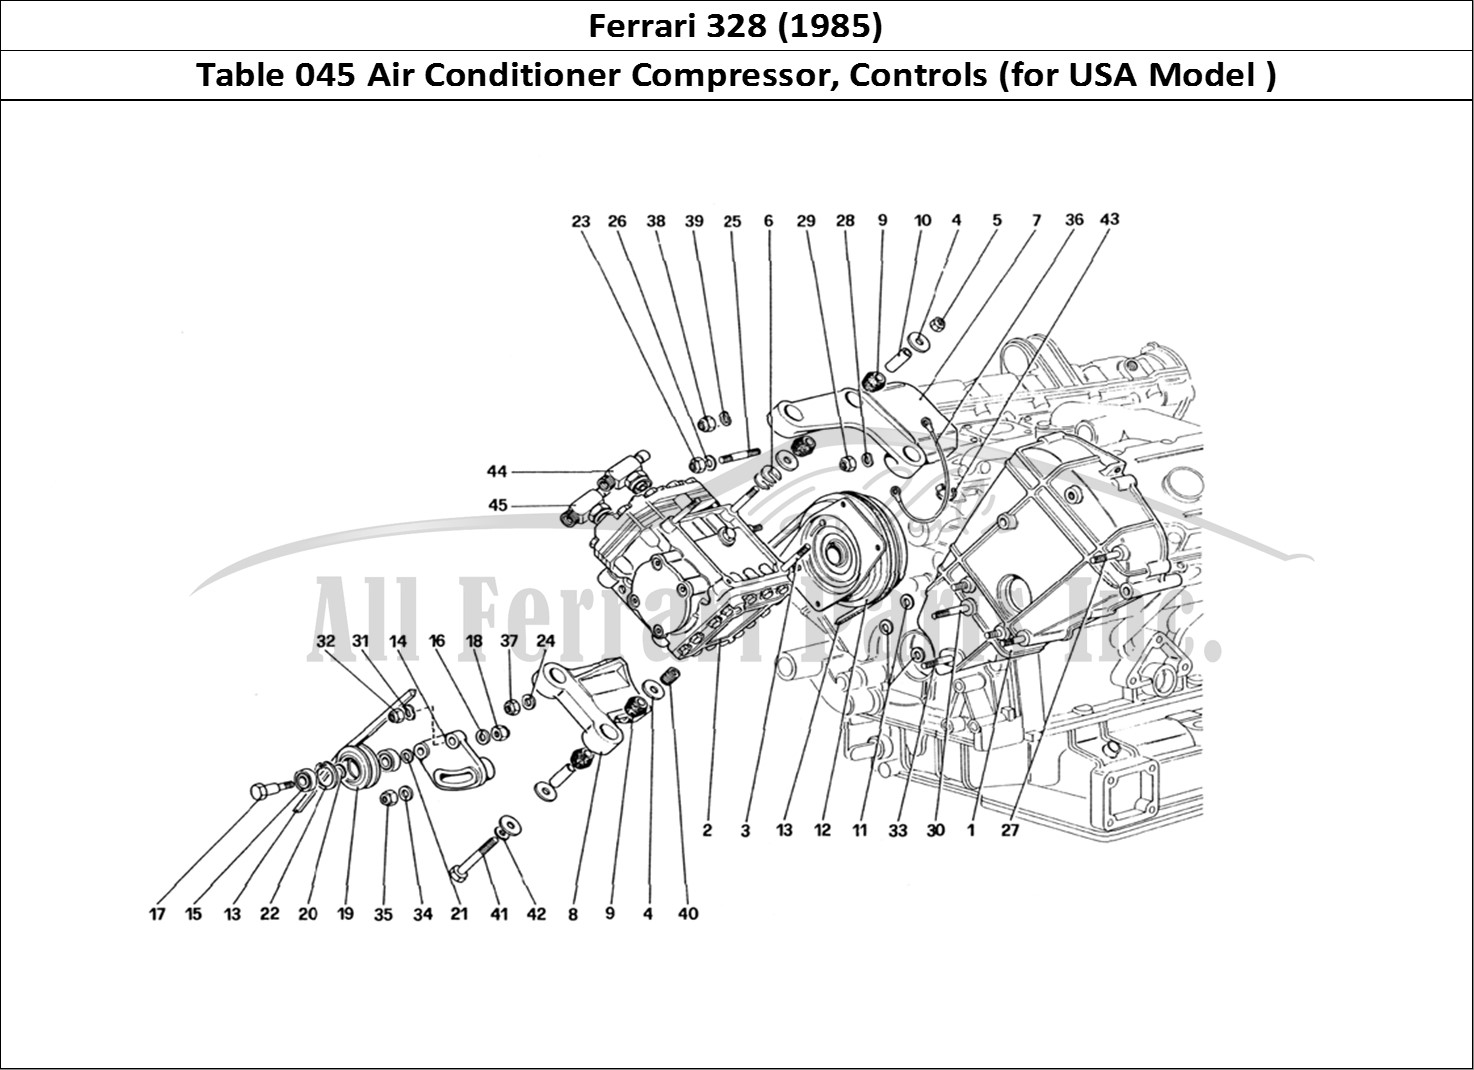 Buy original Ferrari 328 (1985) 045 Air Conditioner